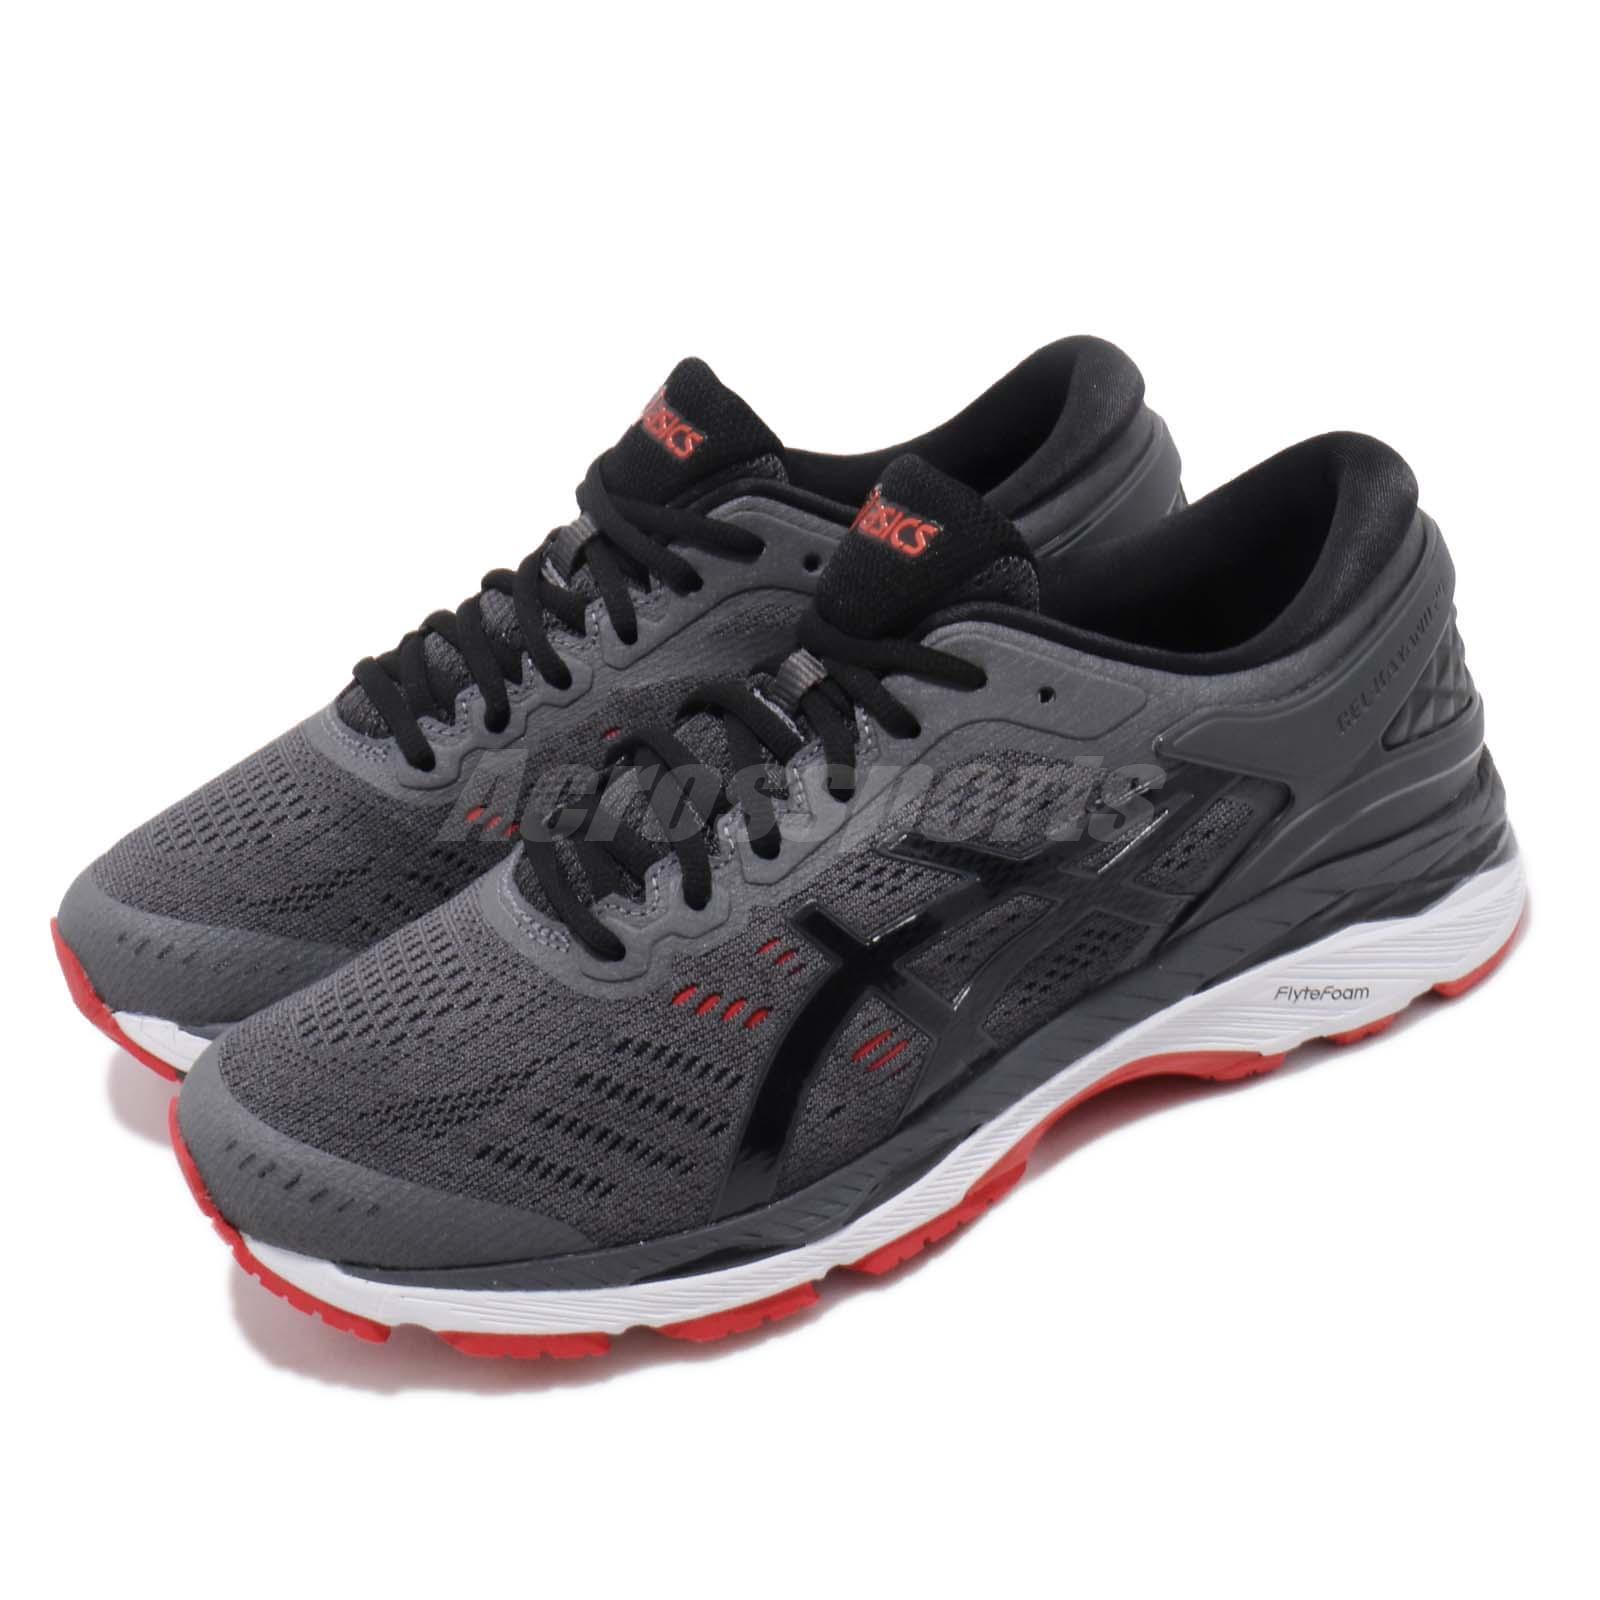 24 zapatos correr para grises rojos 4e42fhnoj11312 nuevo